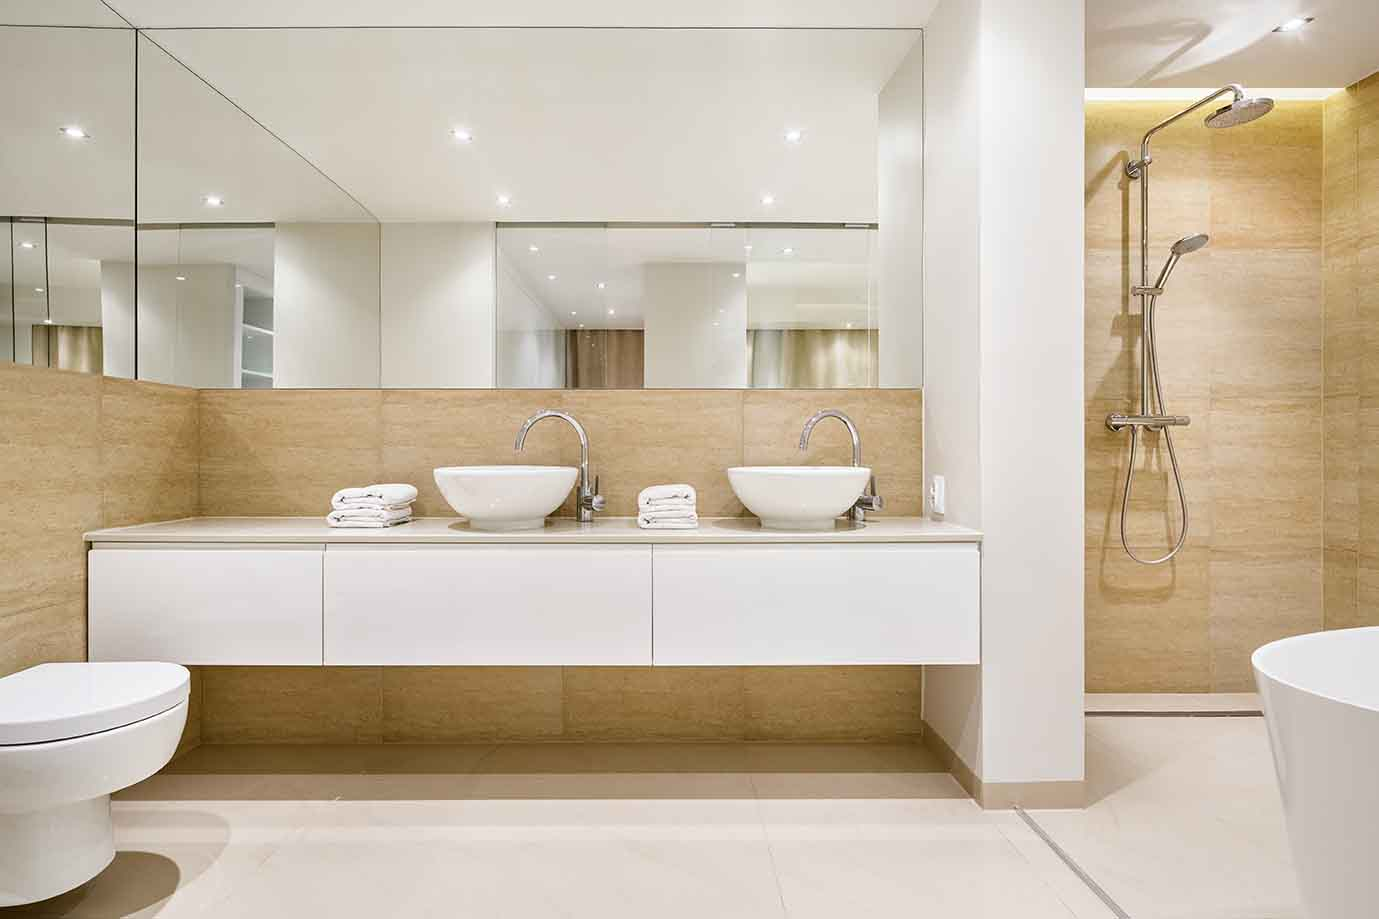 Obtenga un baño más amplio con 3 sencillos consejos